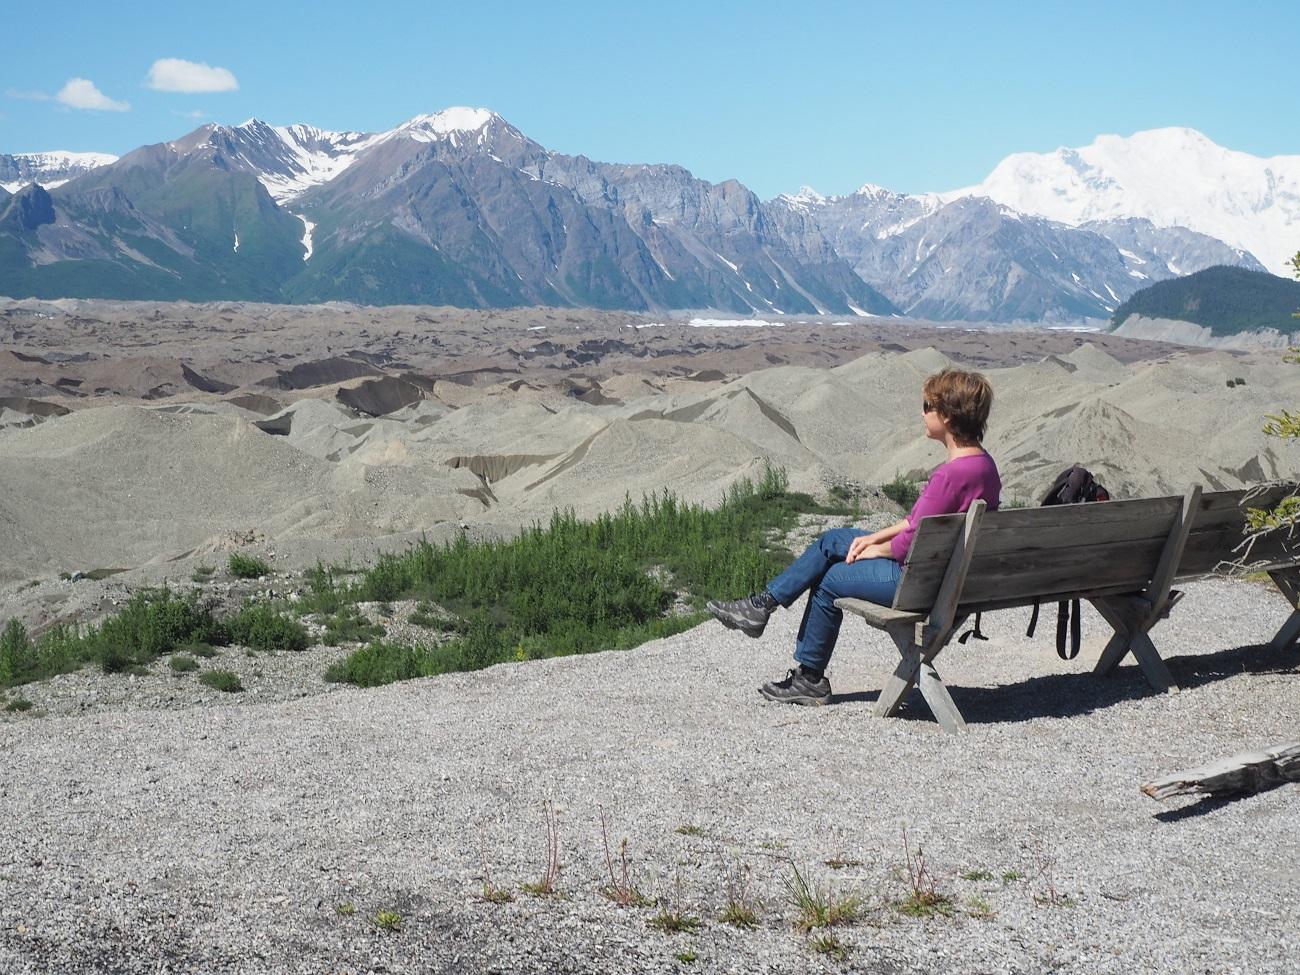 2. kép: Alaszka